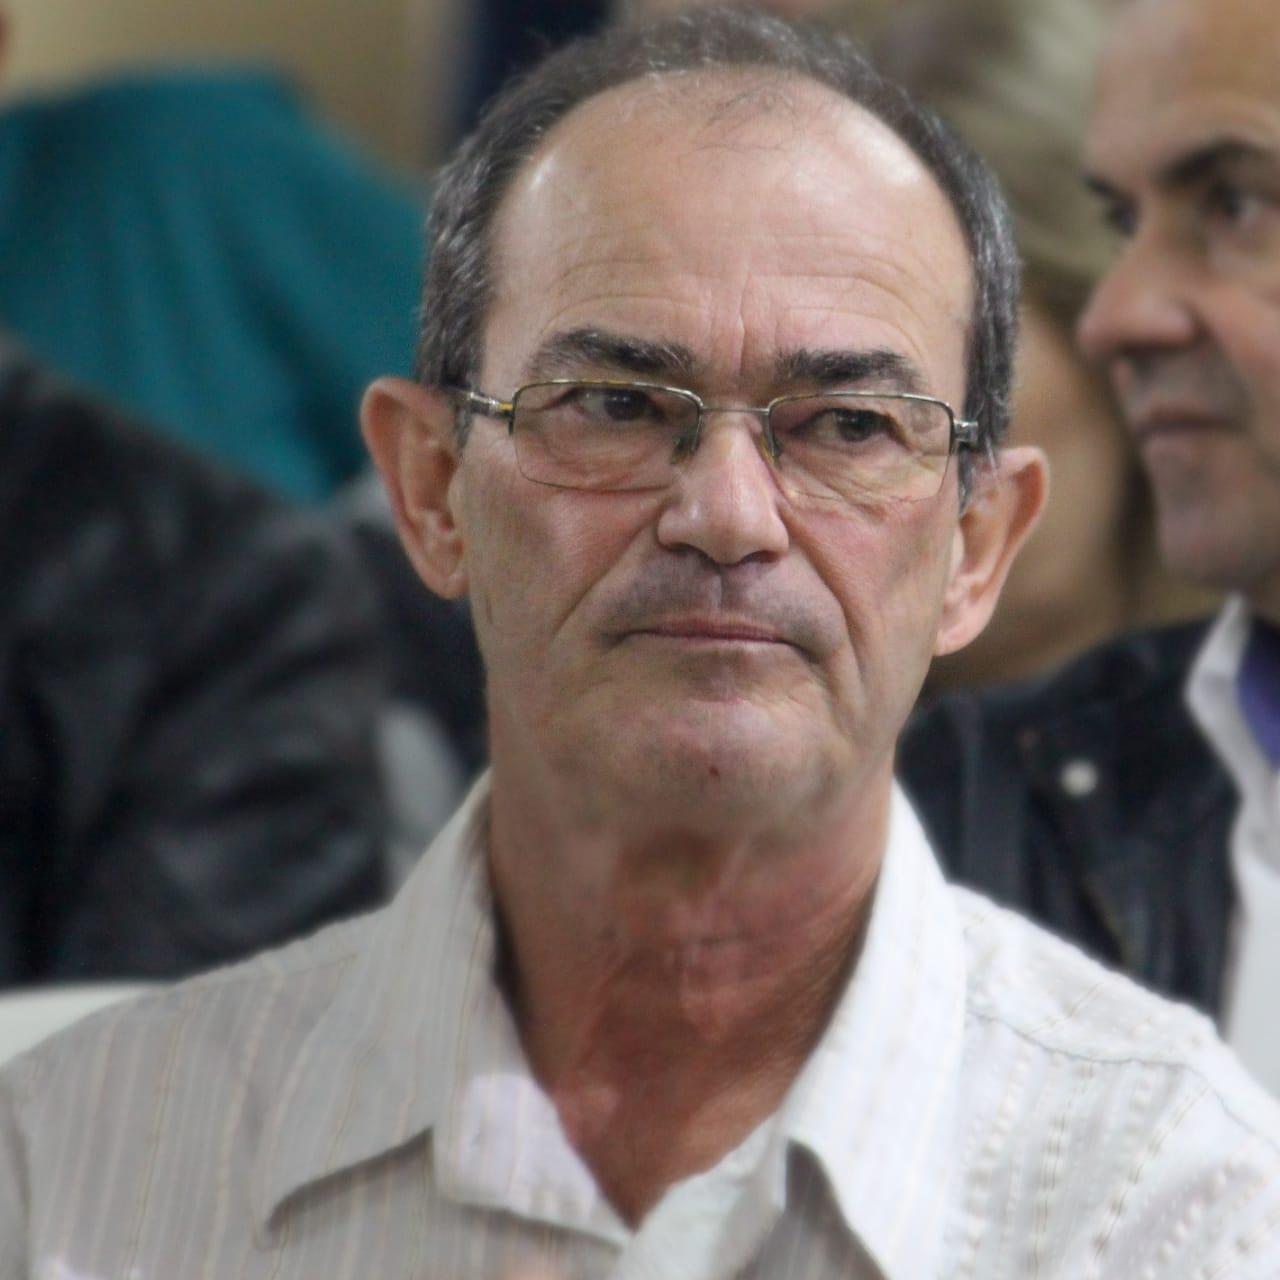 Presidente da Associação de Moradores, Vilmar Dellagnolo, apresentou reivindicações dos moradores